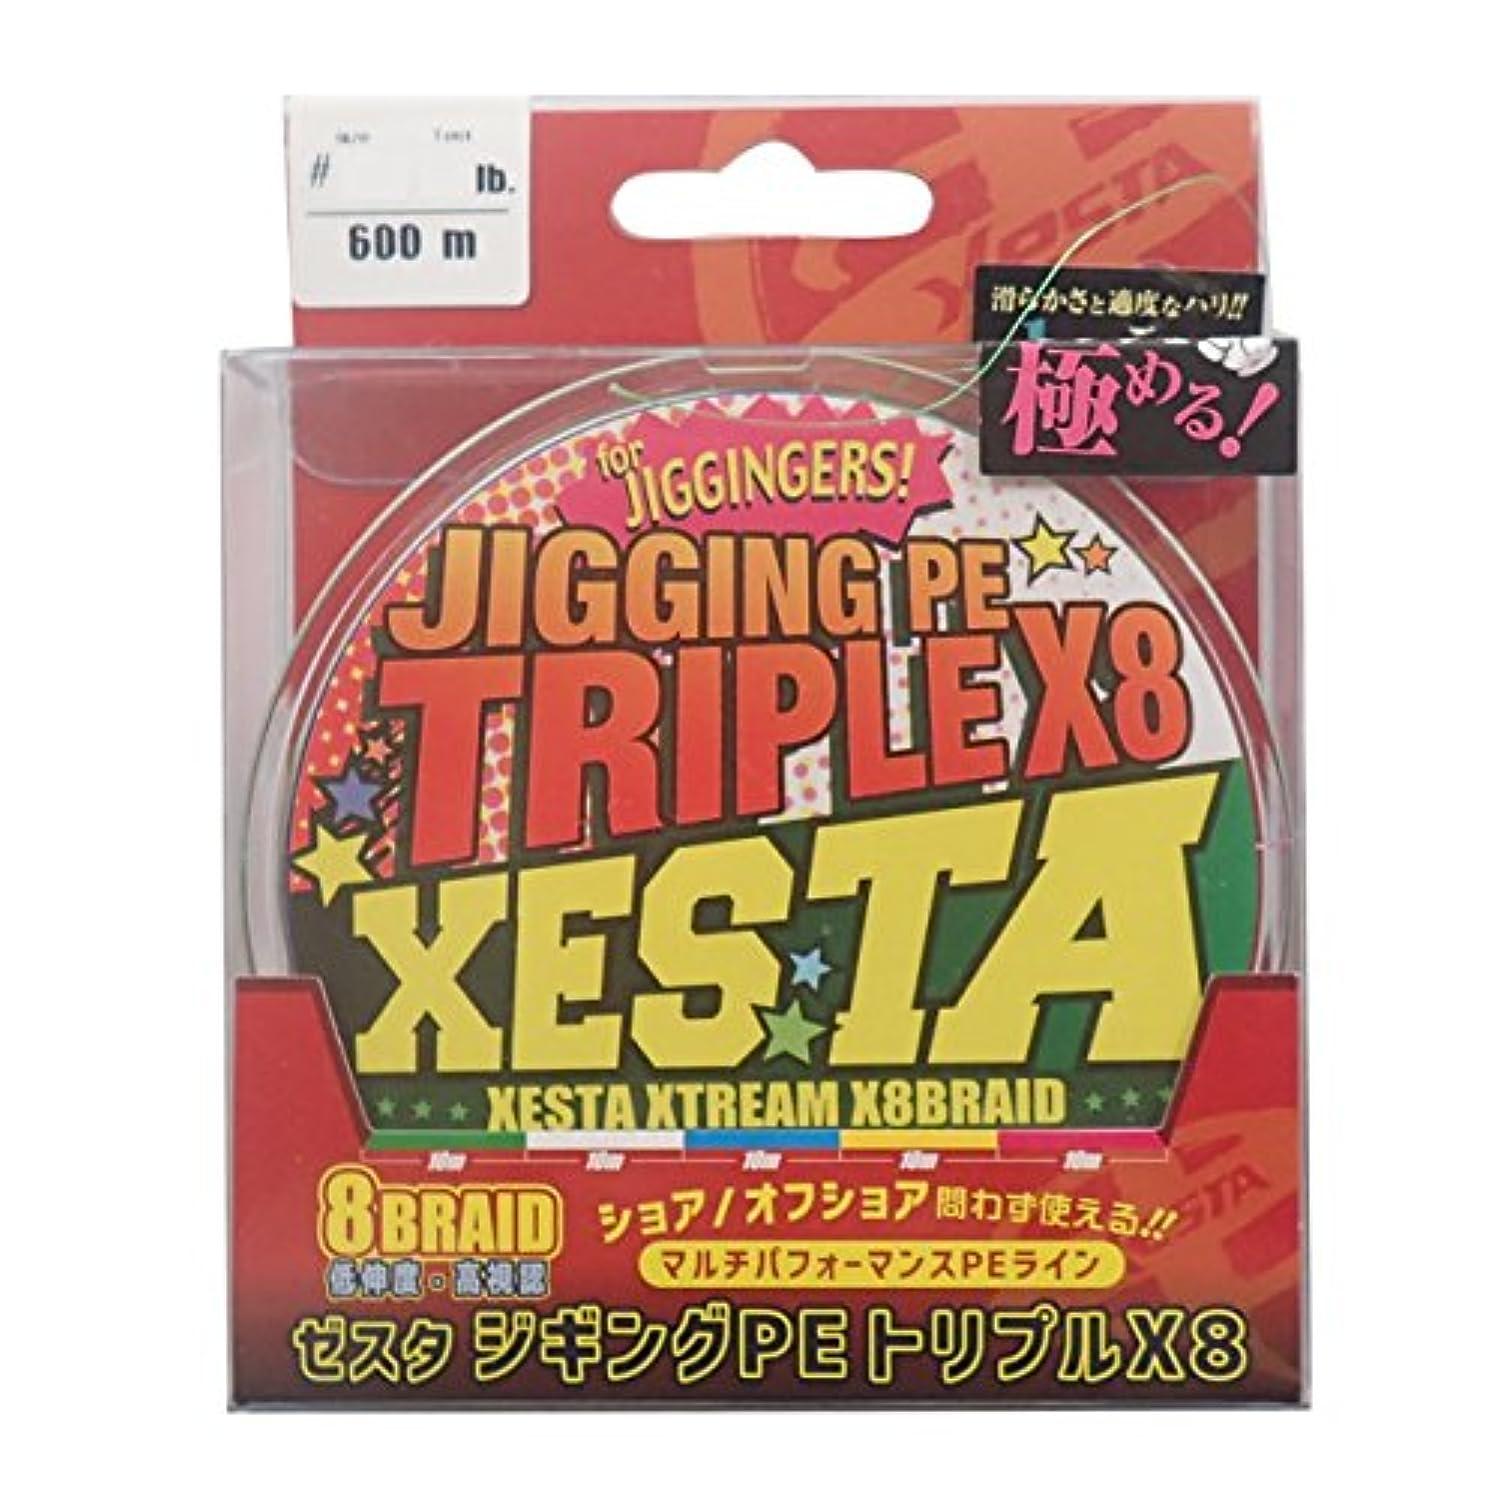 アレキサンダーグラハムベルファイナンス変わるゼスタ(XESTA) PEライン ジギングPE トリプルX8 600m 1.5号 25lb(11.3kg)